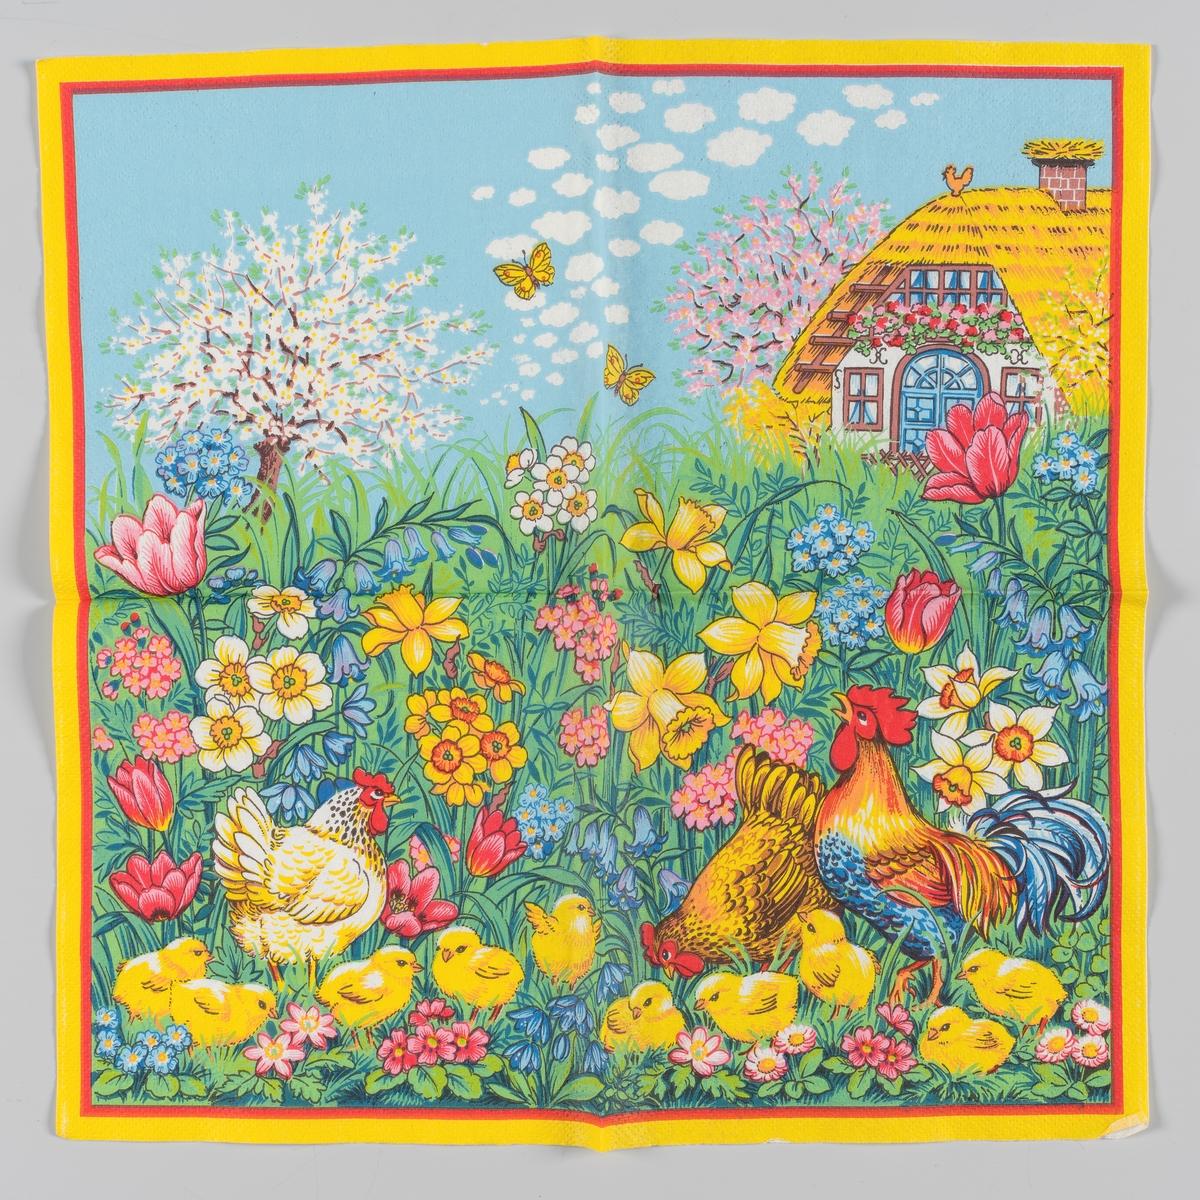 En hane og en hvit og en brun høne og en flokk med kyllinger i en blomstereng med tulipaner, påskeliljer, pinseliljer, skillaer og mange andre blomster. I bakgrunnen blomstrende frukttræer og et hvit bondehus med stråtak. Blå himmel med hvite skyer og to gule sommerfugler. Rød og gul kant.